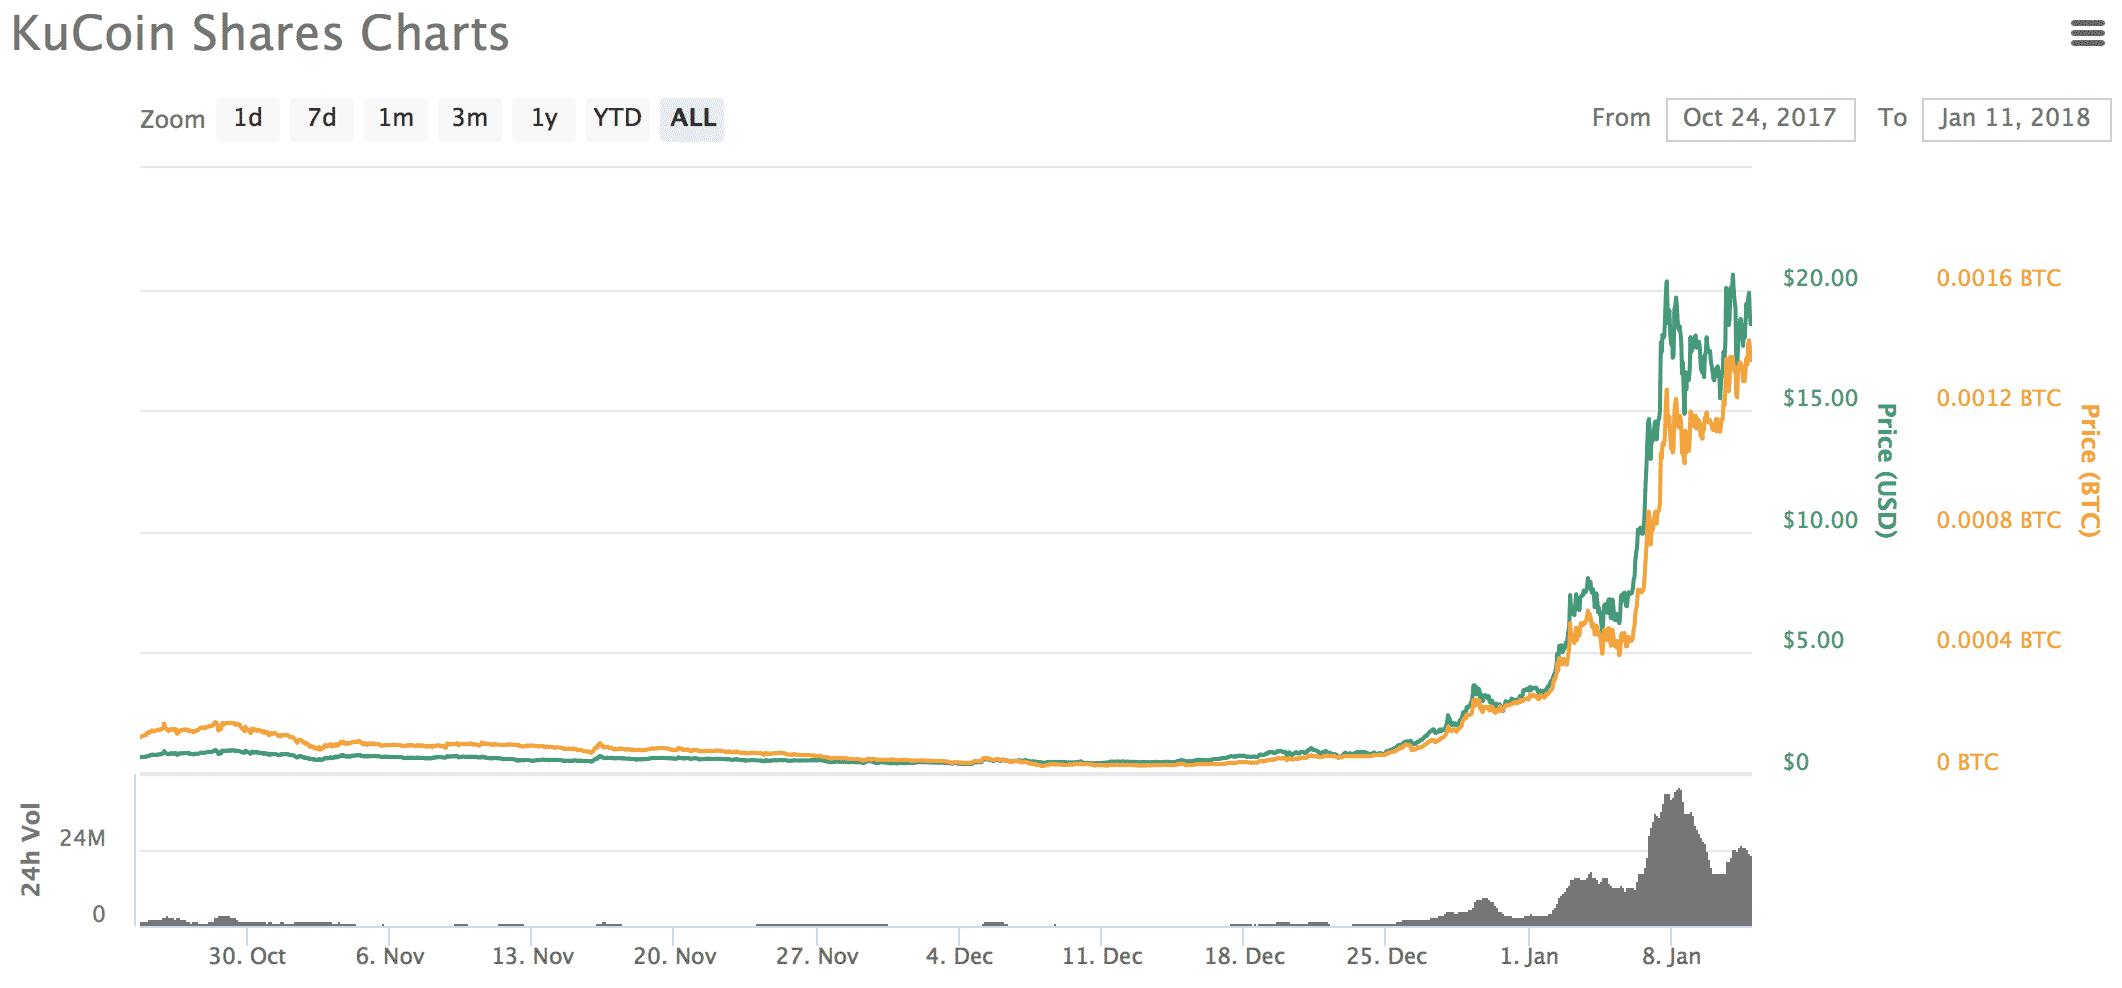 Kucoin Shares(クーコインシェアーズ)とは|仮想通貨の特徴・価格・チャート・取引所2